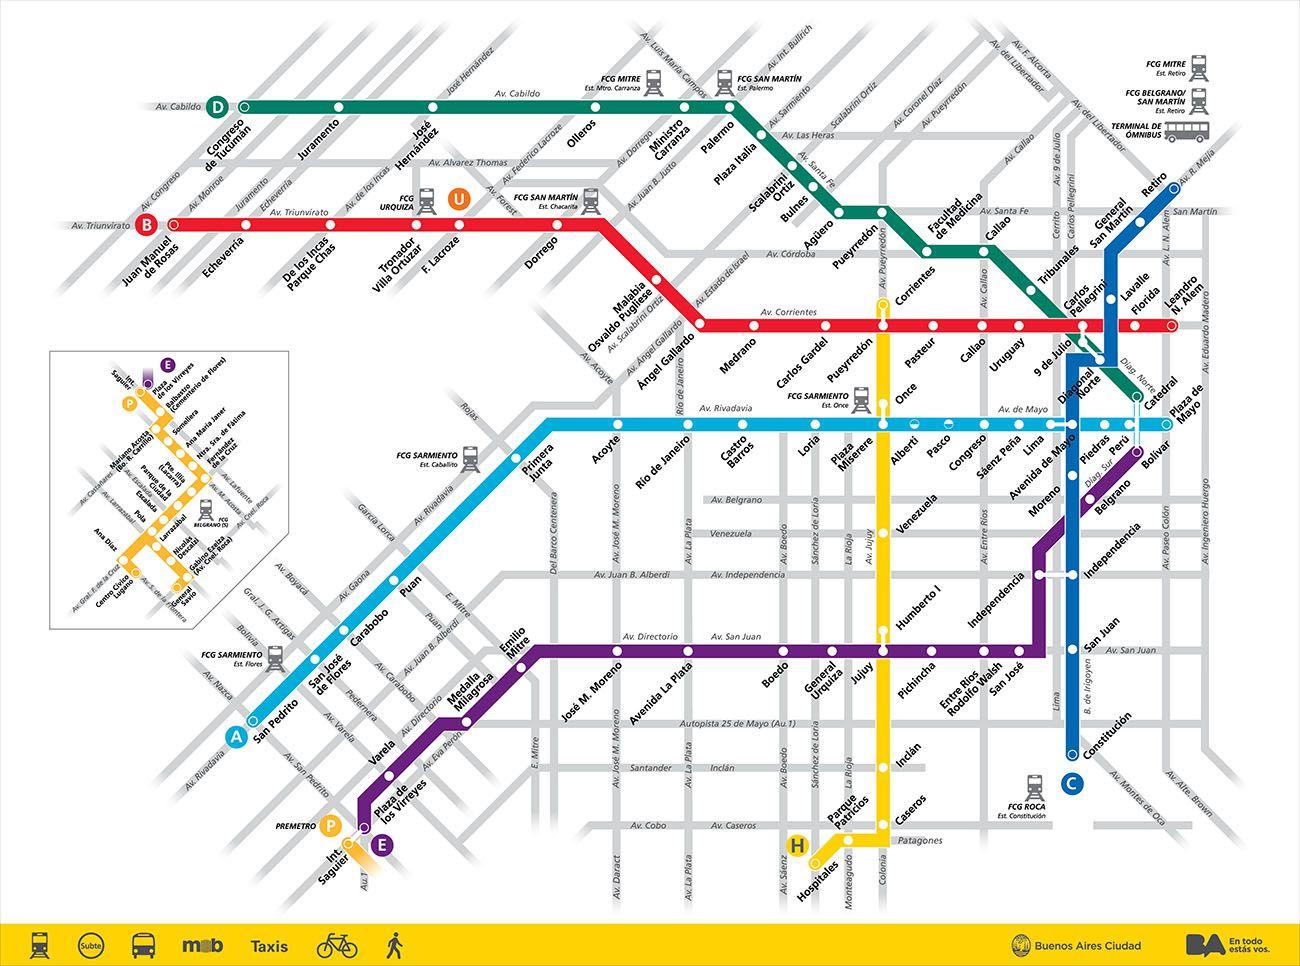 mapa de subterraneo de capital federal (buenos aires)